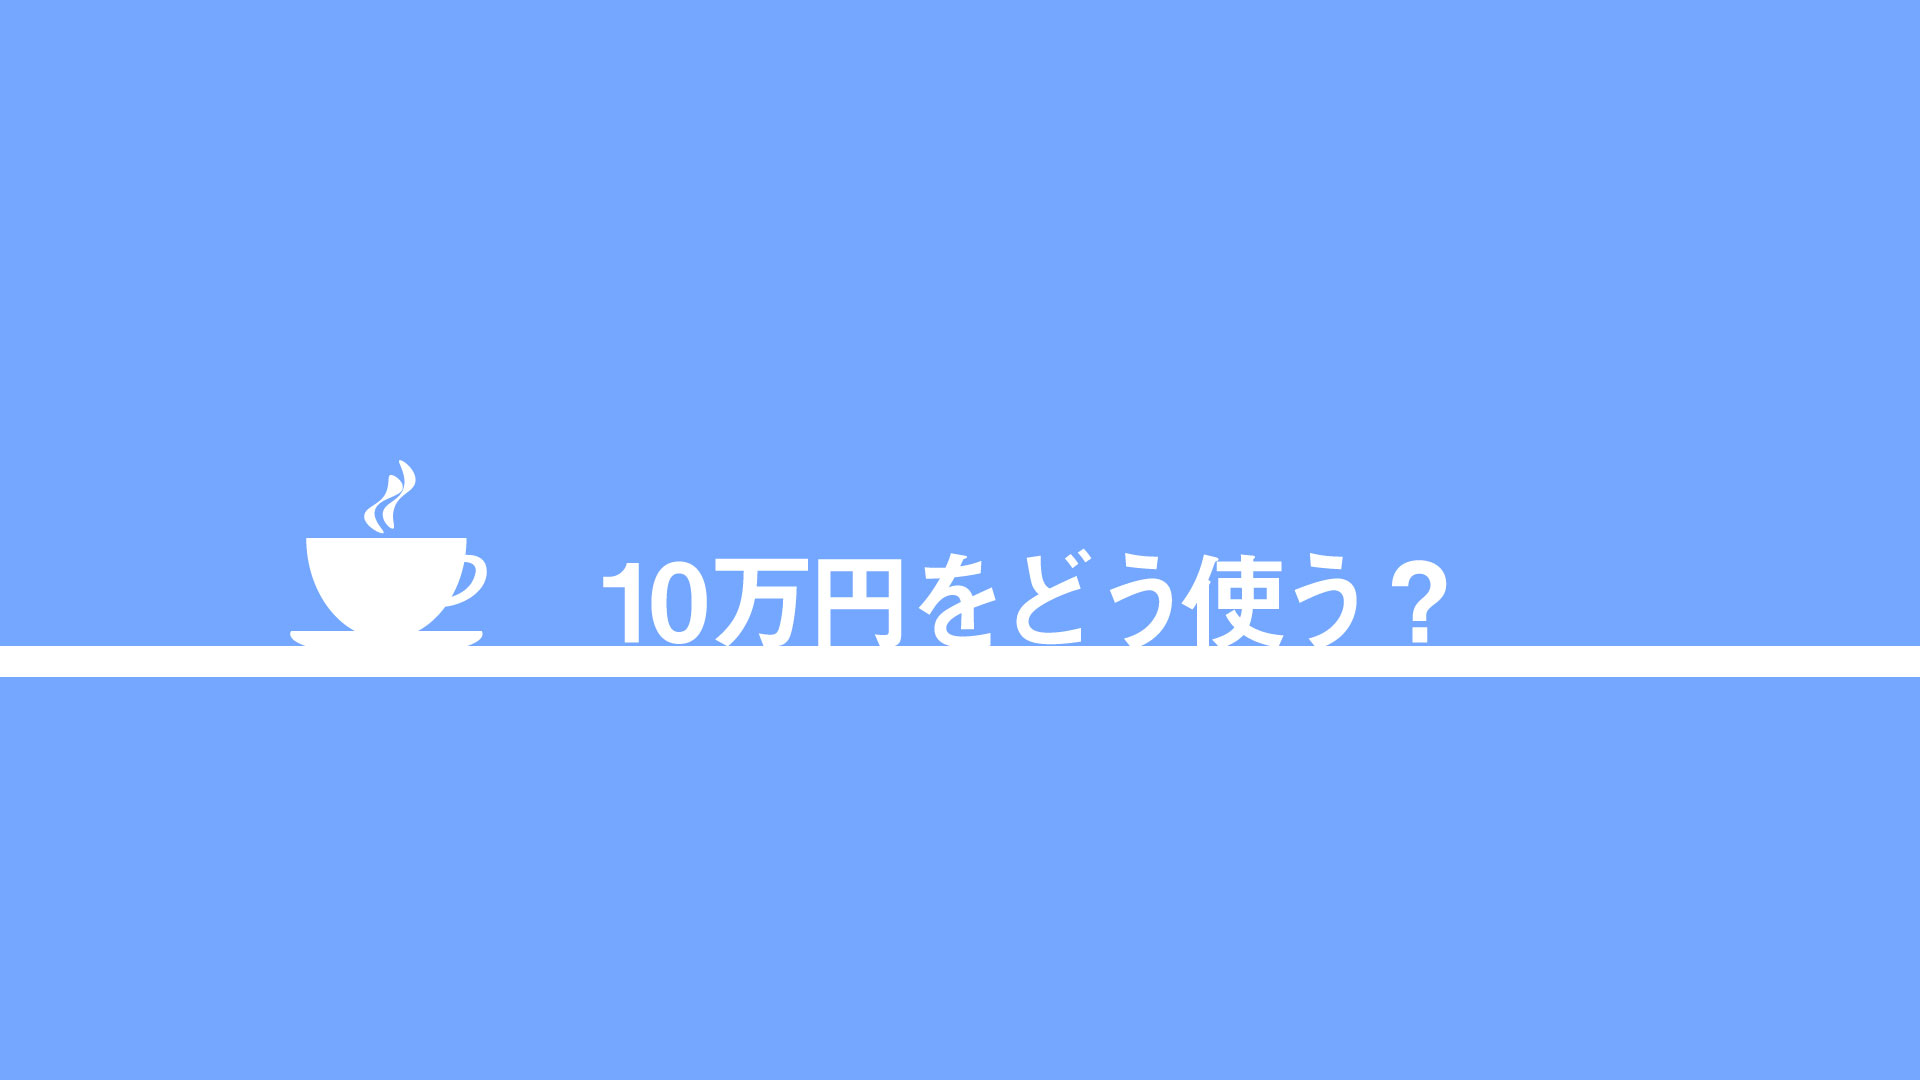 10万円給付、何に使う?リモートワークの環境向上に使いたい!